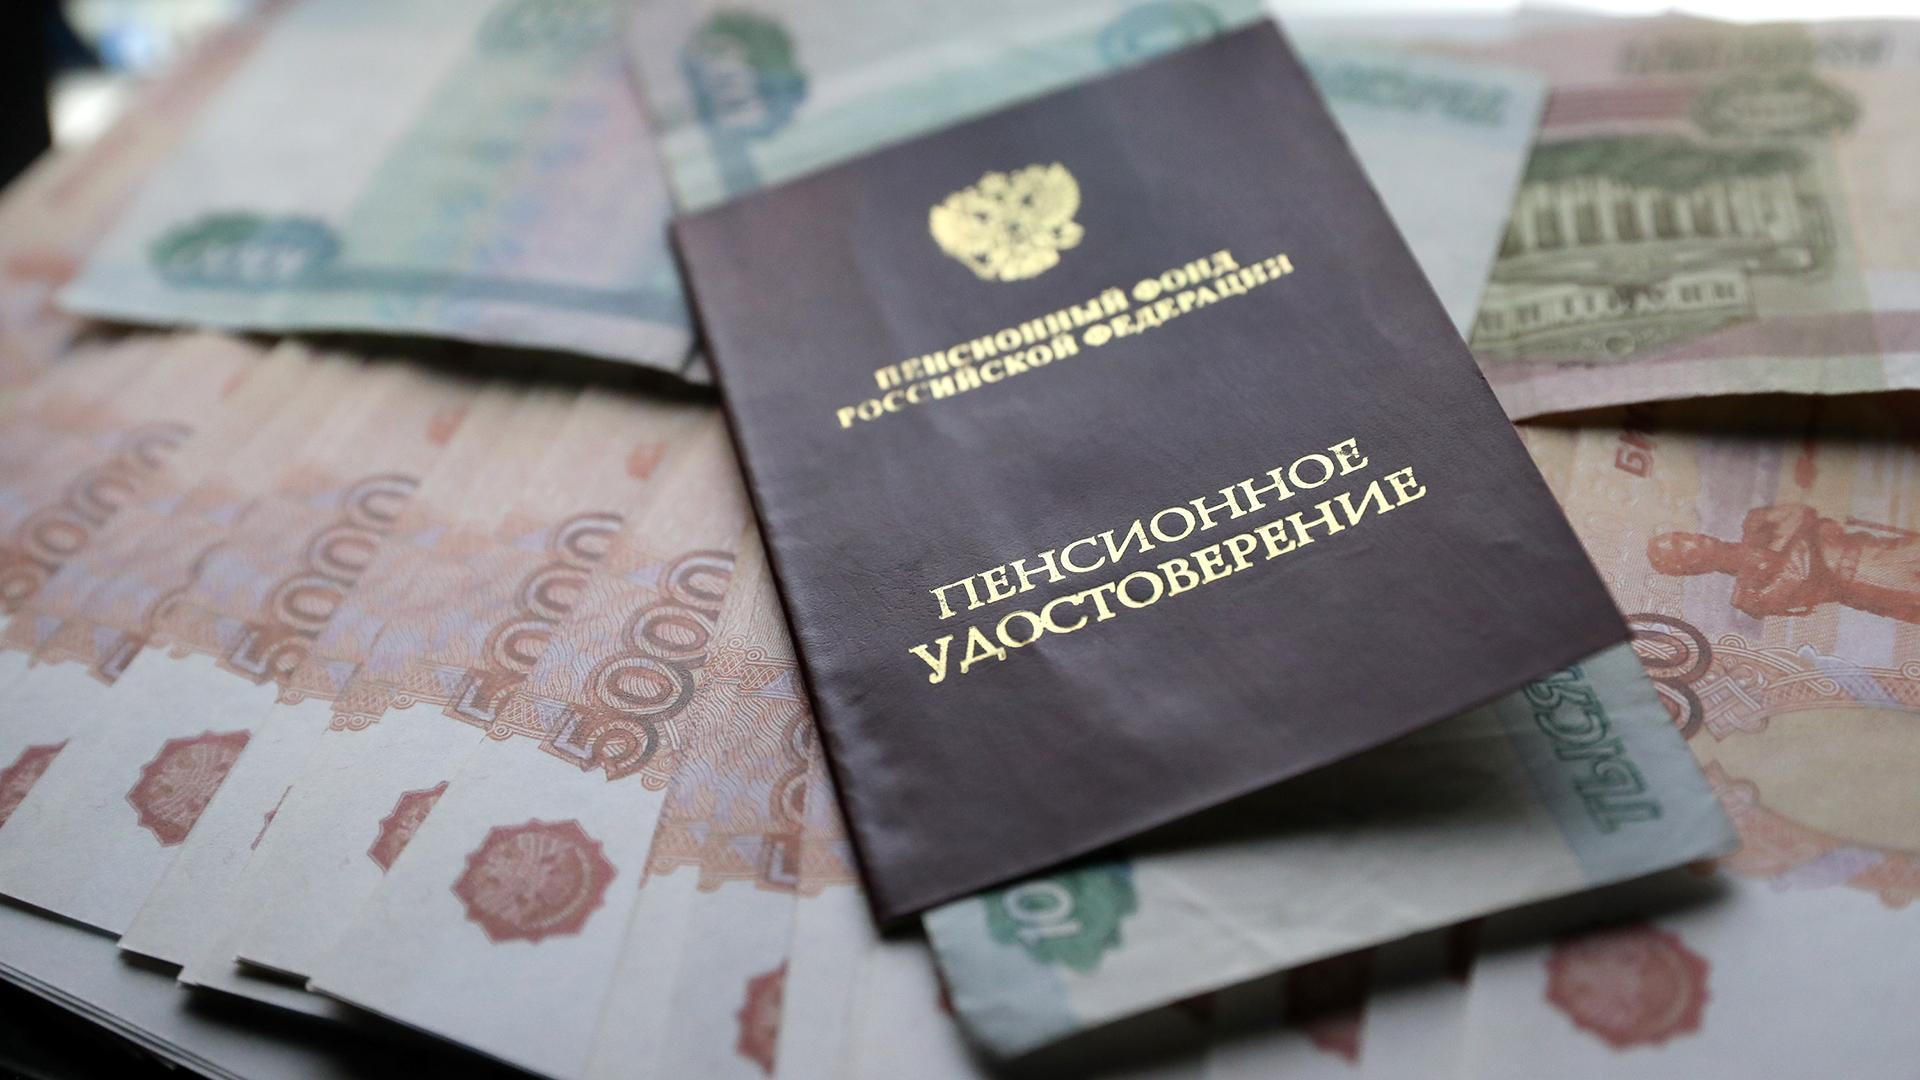 Жительница Владикавказа, получившая по подложным документам около миллиона рублей пенсии, предстанет перед судом